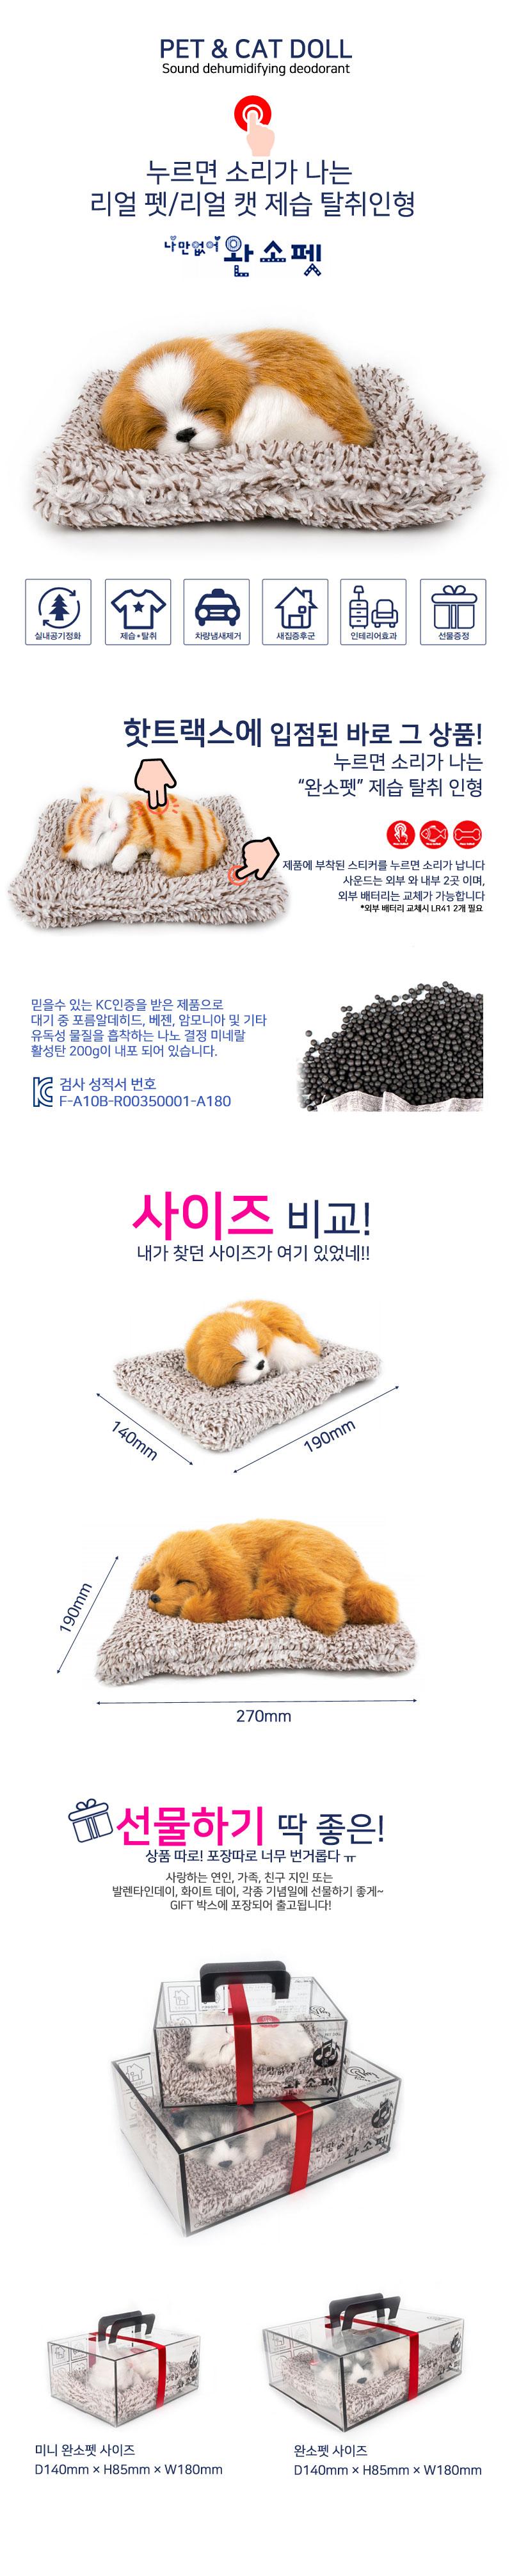 리얼펫 소리나는 제습인형 강아지 고양이 모형 탈취제 - 선물용박스 - 아이펀즈, 22,700원, 아이디어 상품, 아이디어 상품